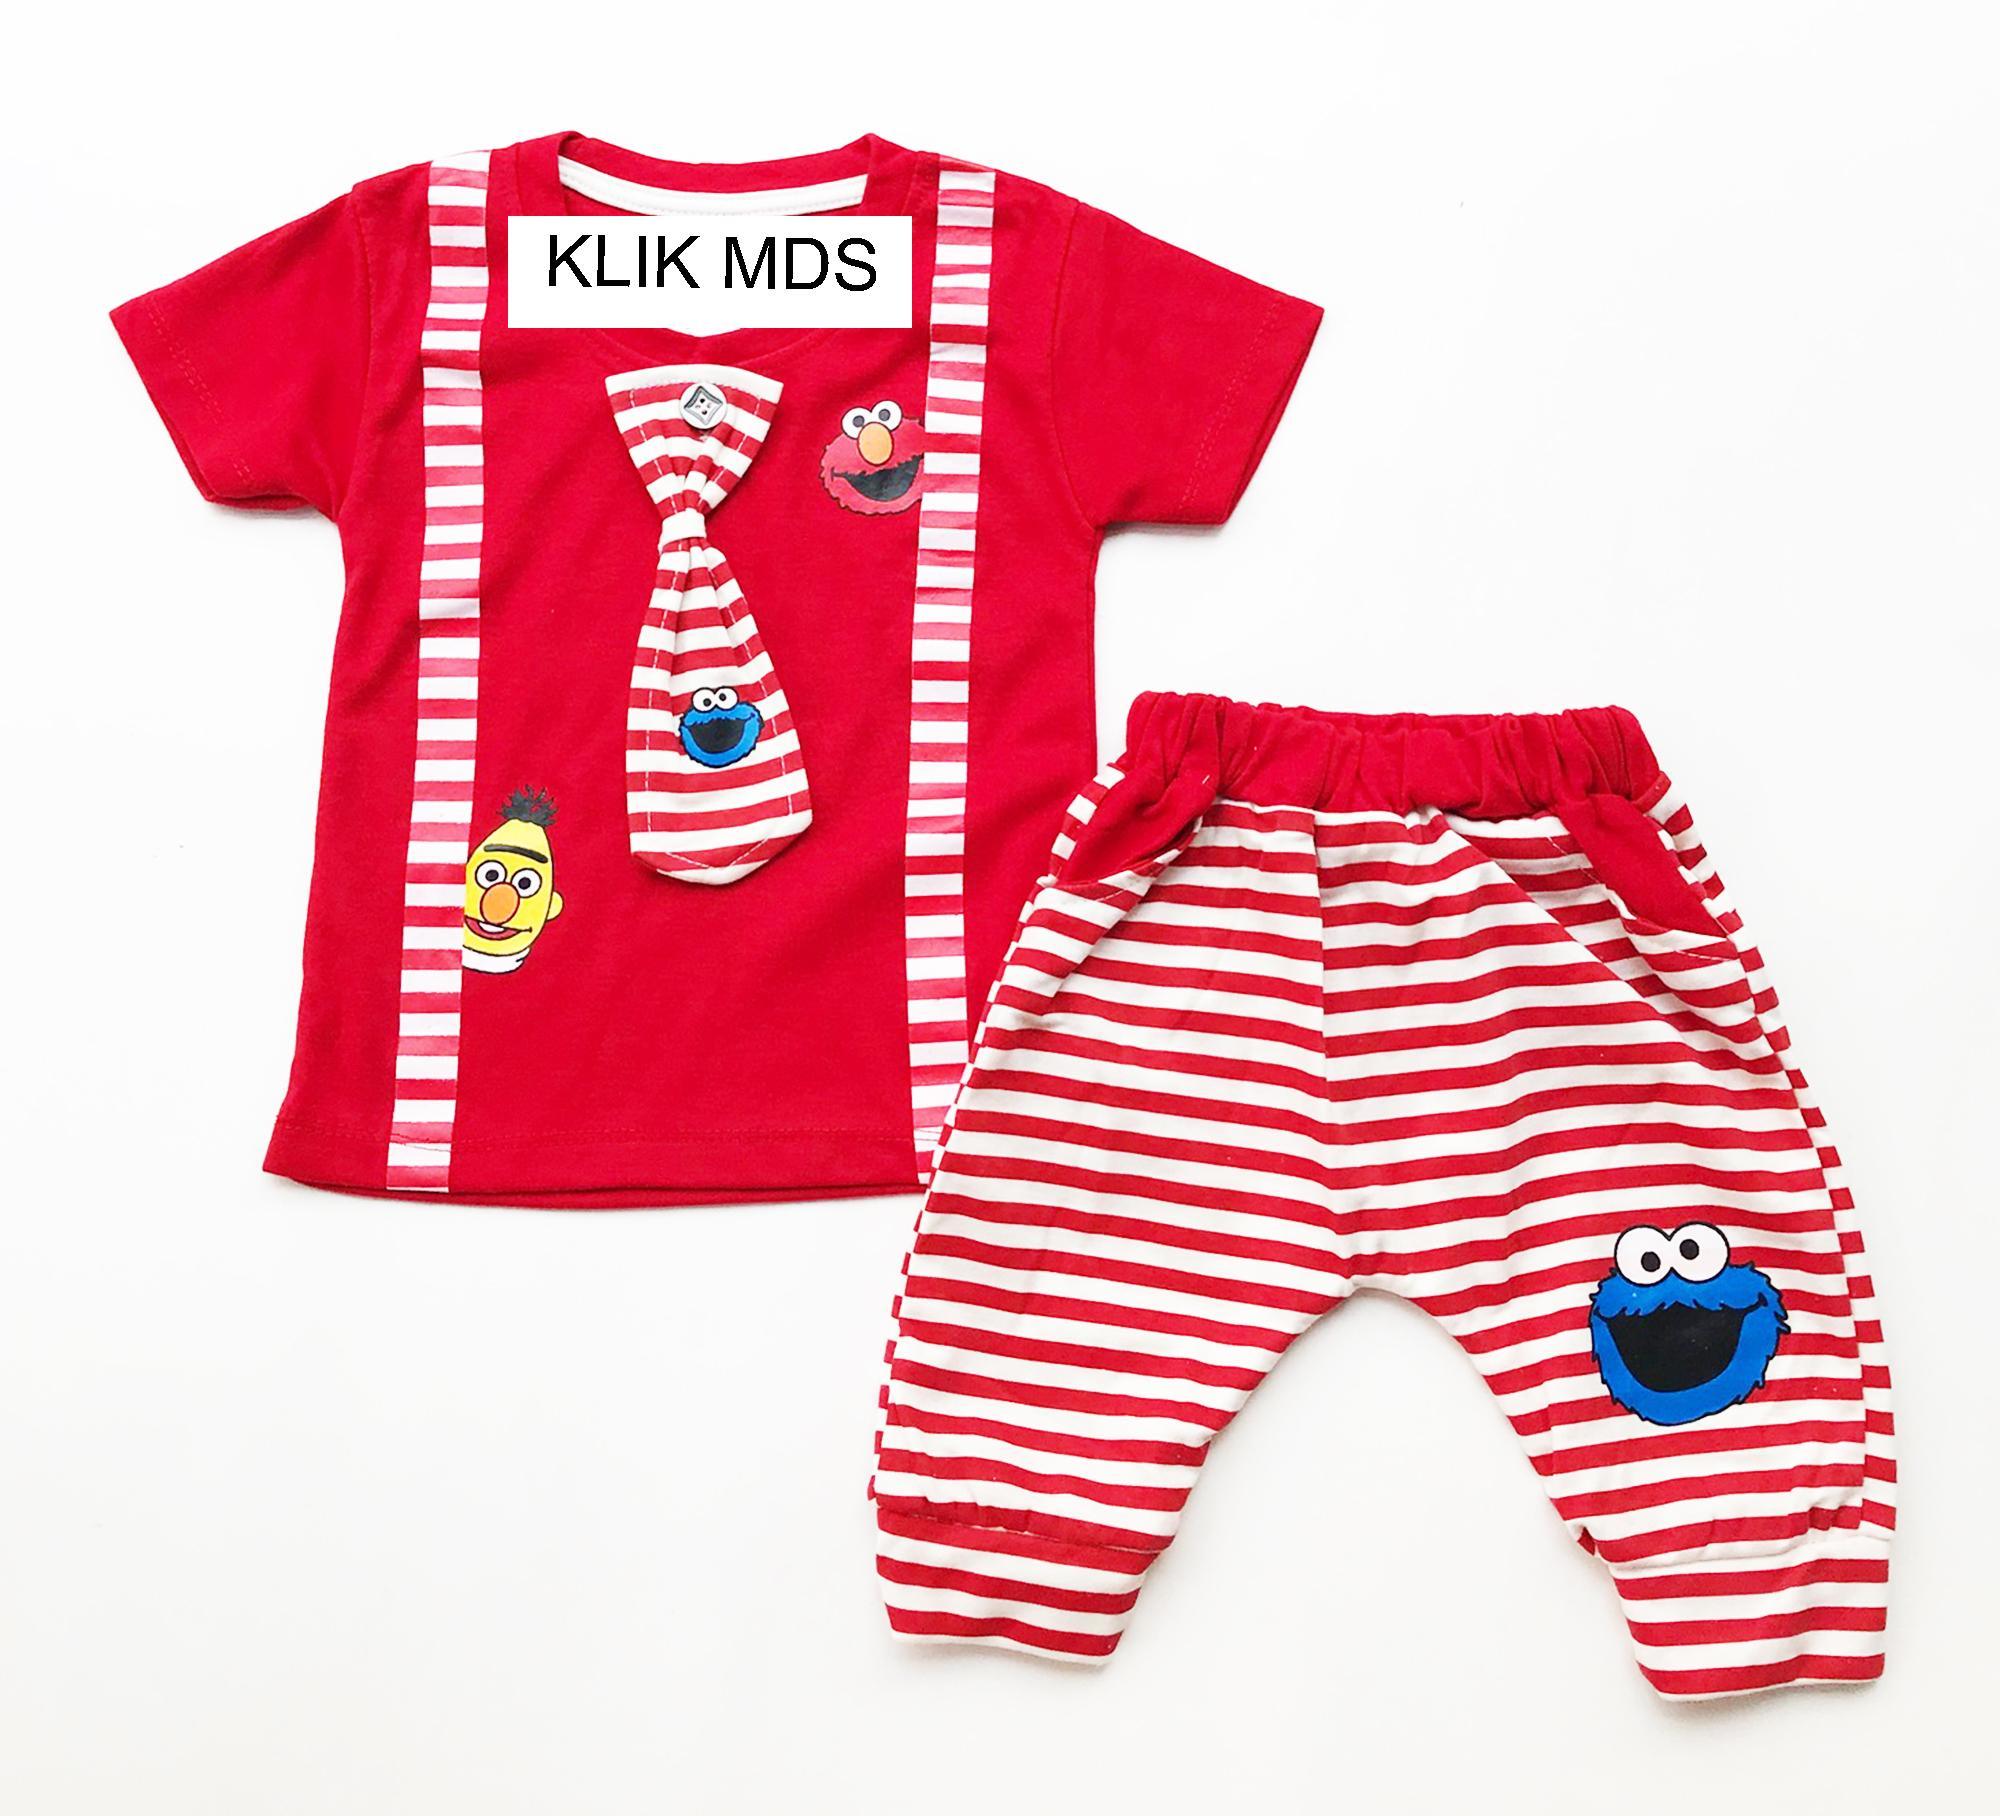 Klik Mds Baju Anak Bayi Lelaki Setelan Atasan dan Celana Motif Karakter ELMO